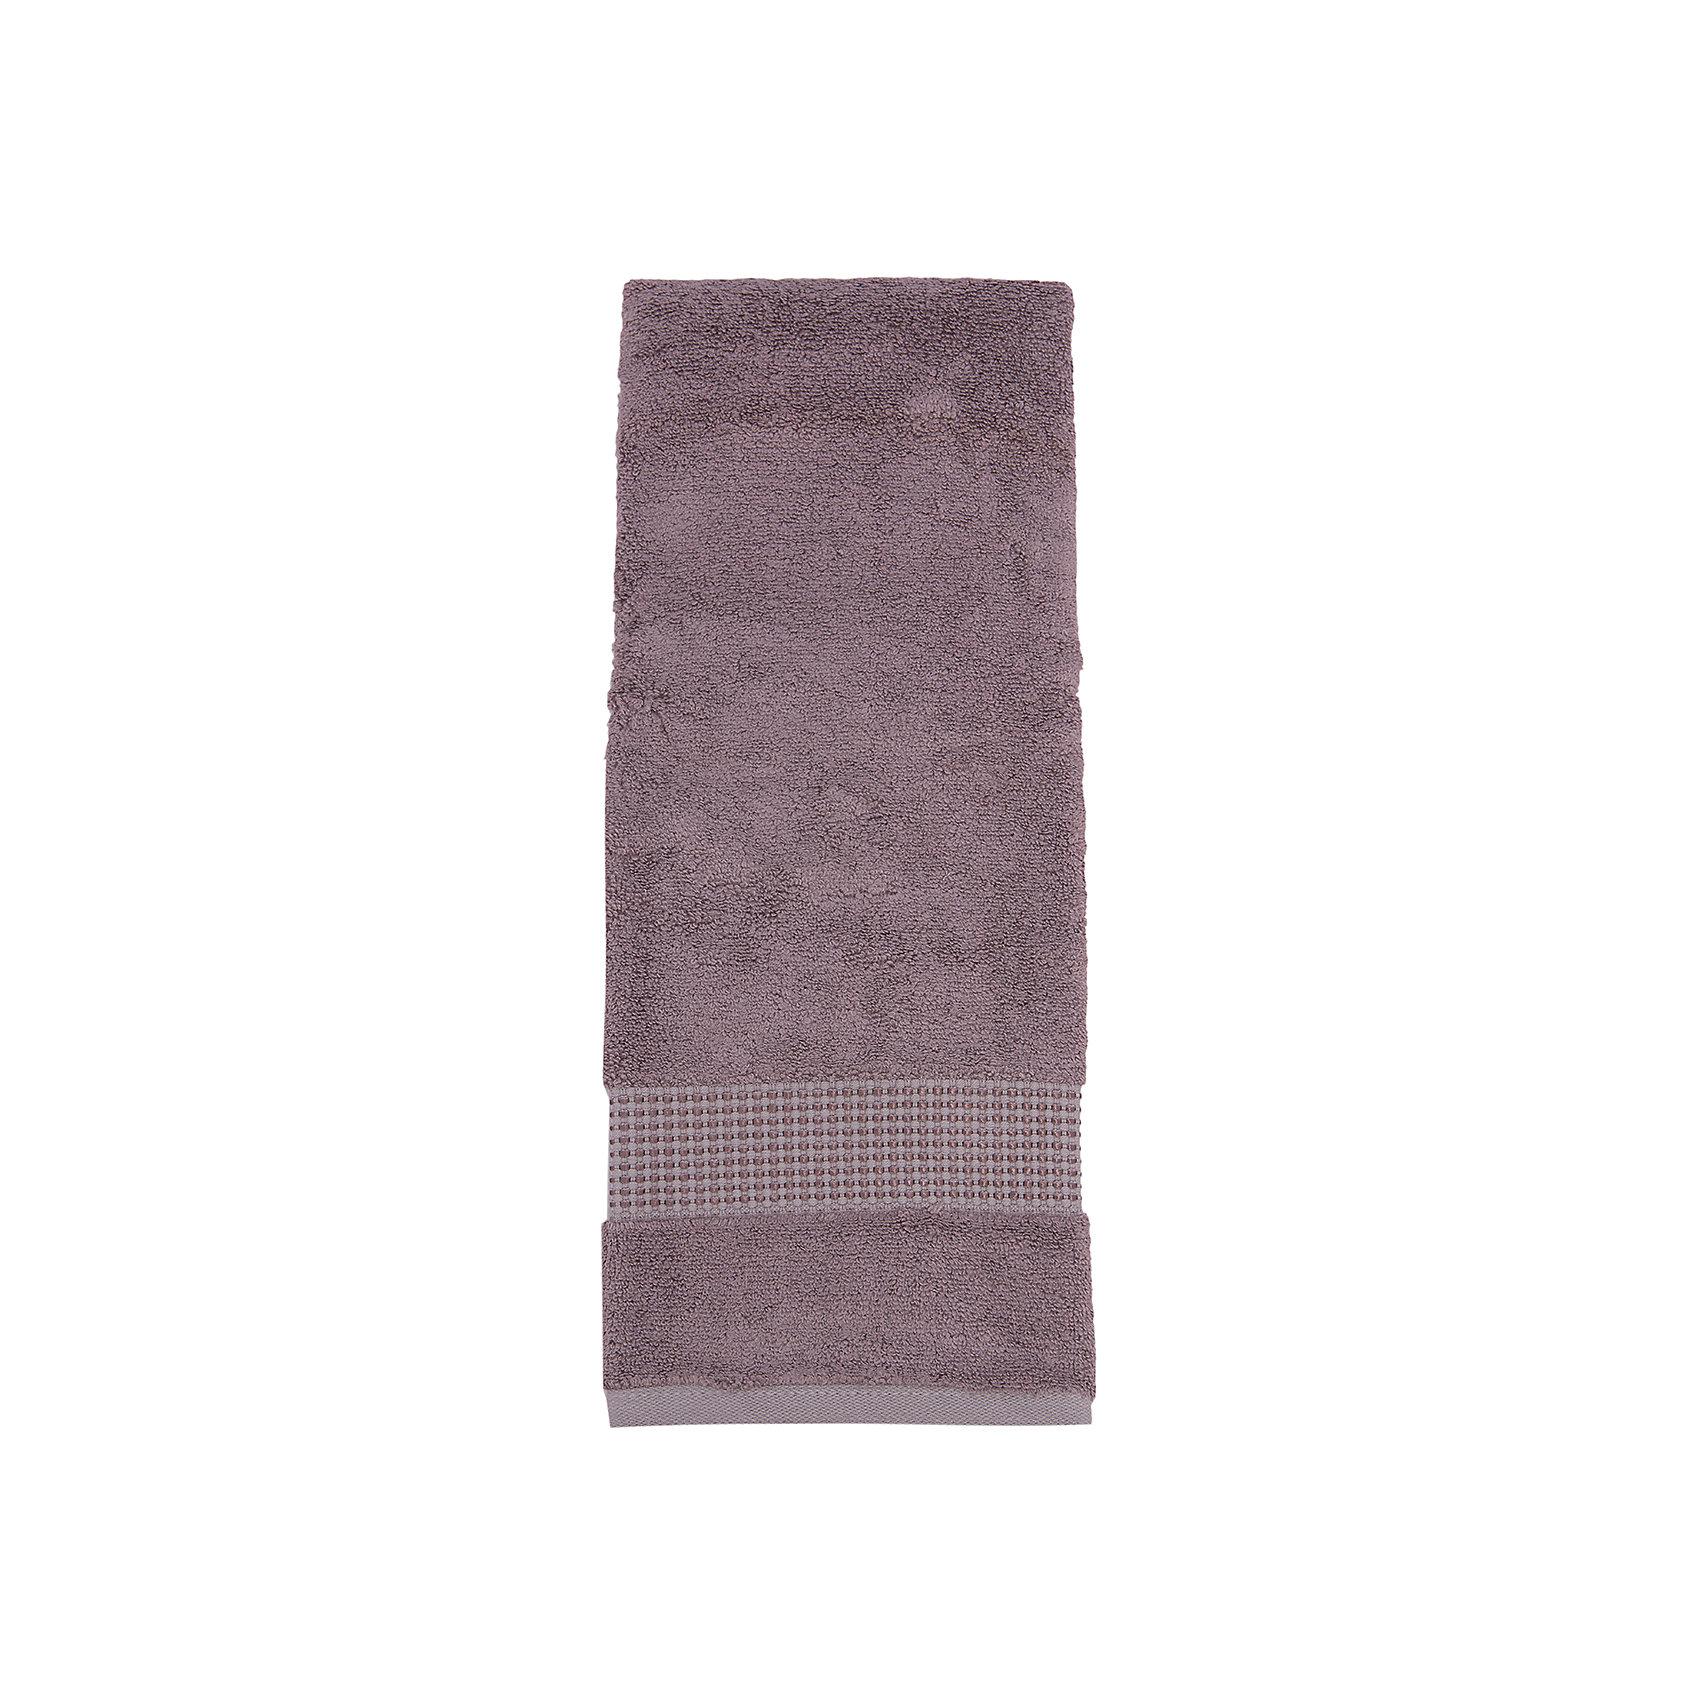 TAC Полотенце ELMORE махровое 50*90 Бамбук, TAC, коричневый tac полотенце bloom махровое 50 90 бамбук tac сиреневый